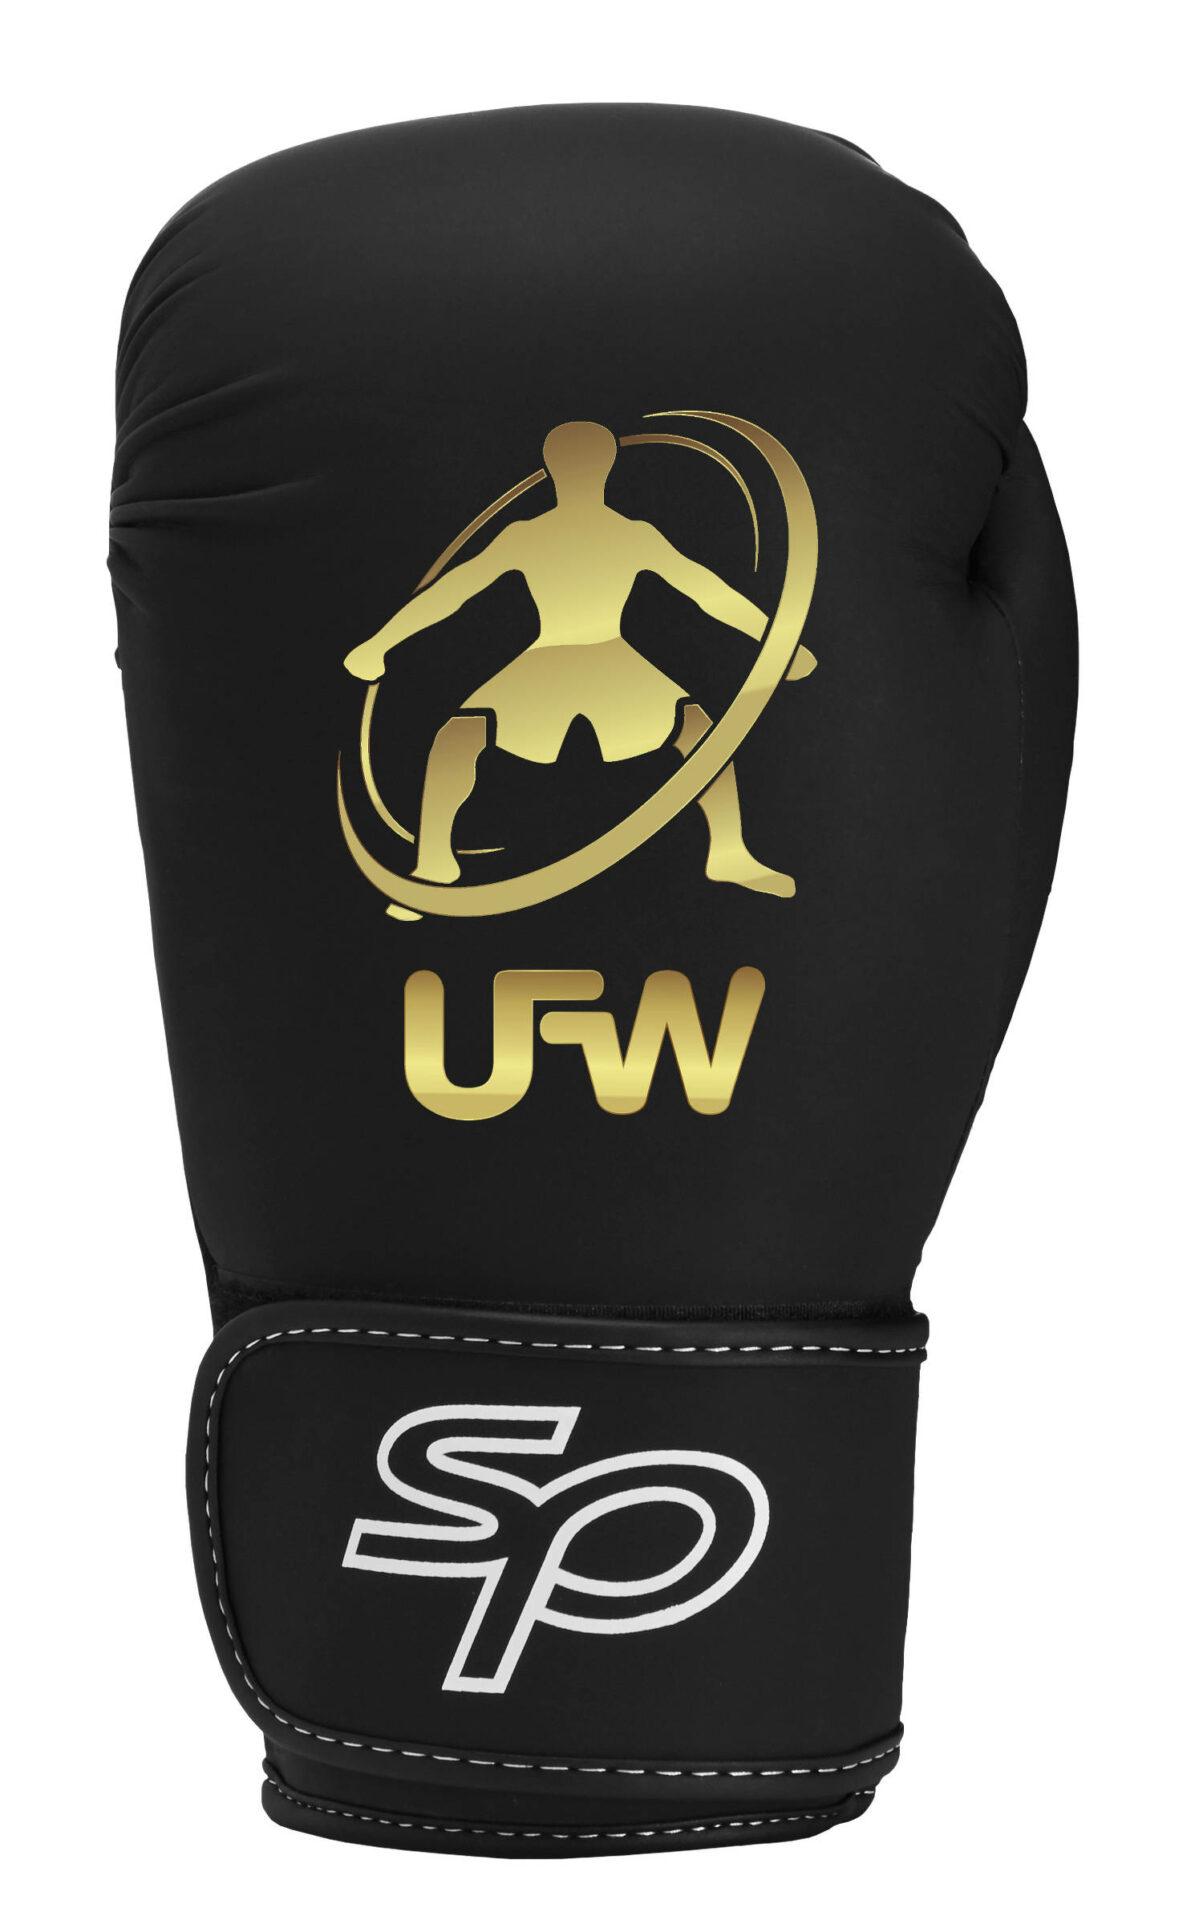 MYBOXGLOVE; uniek voor de bokswereld! Bokshandschoenen individueel personaliseren.